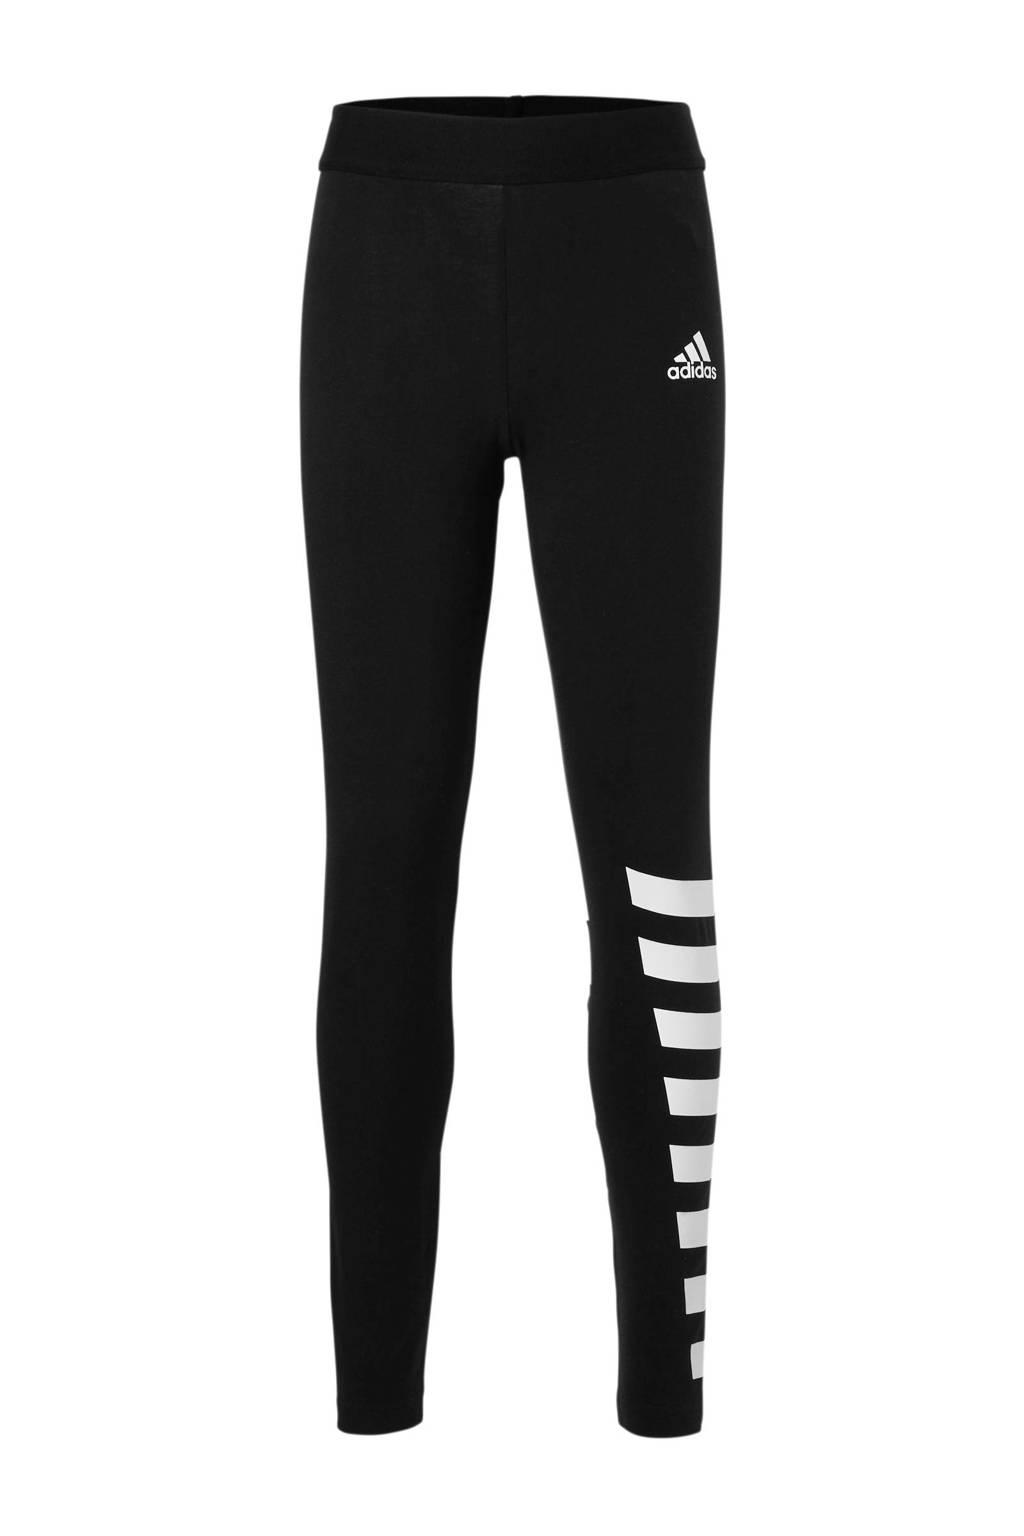 adidas performance 7/8 sportbroek zwart, Zwart/wit